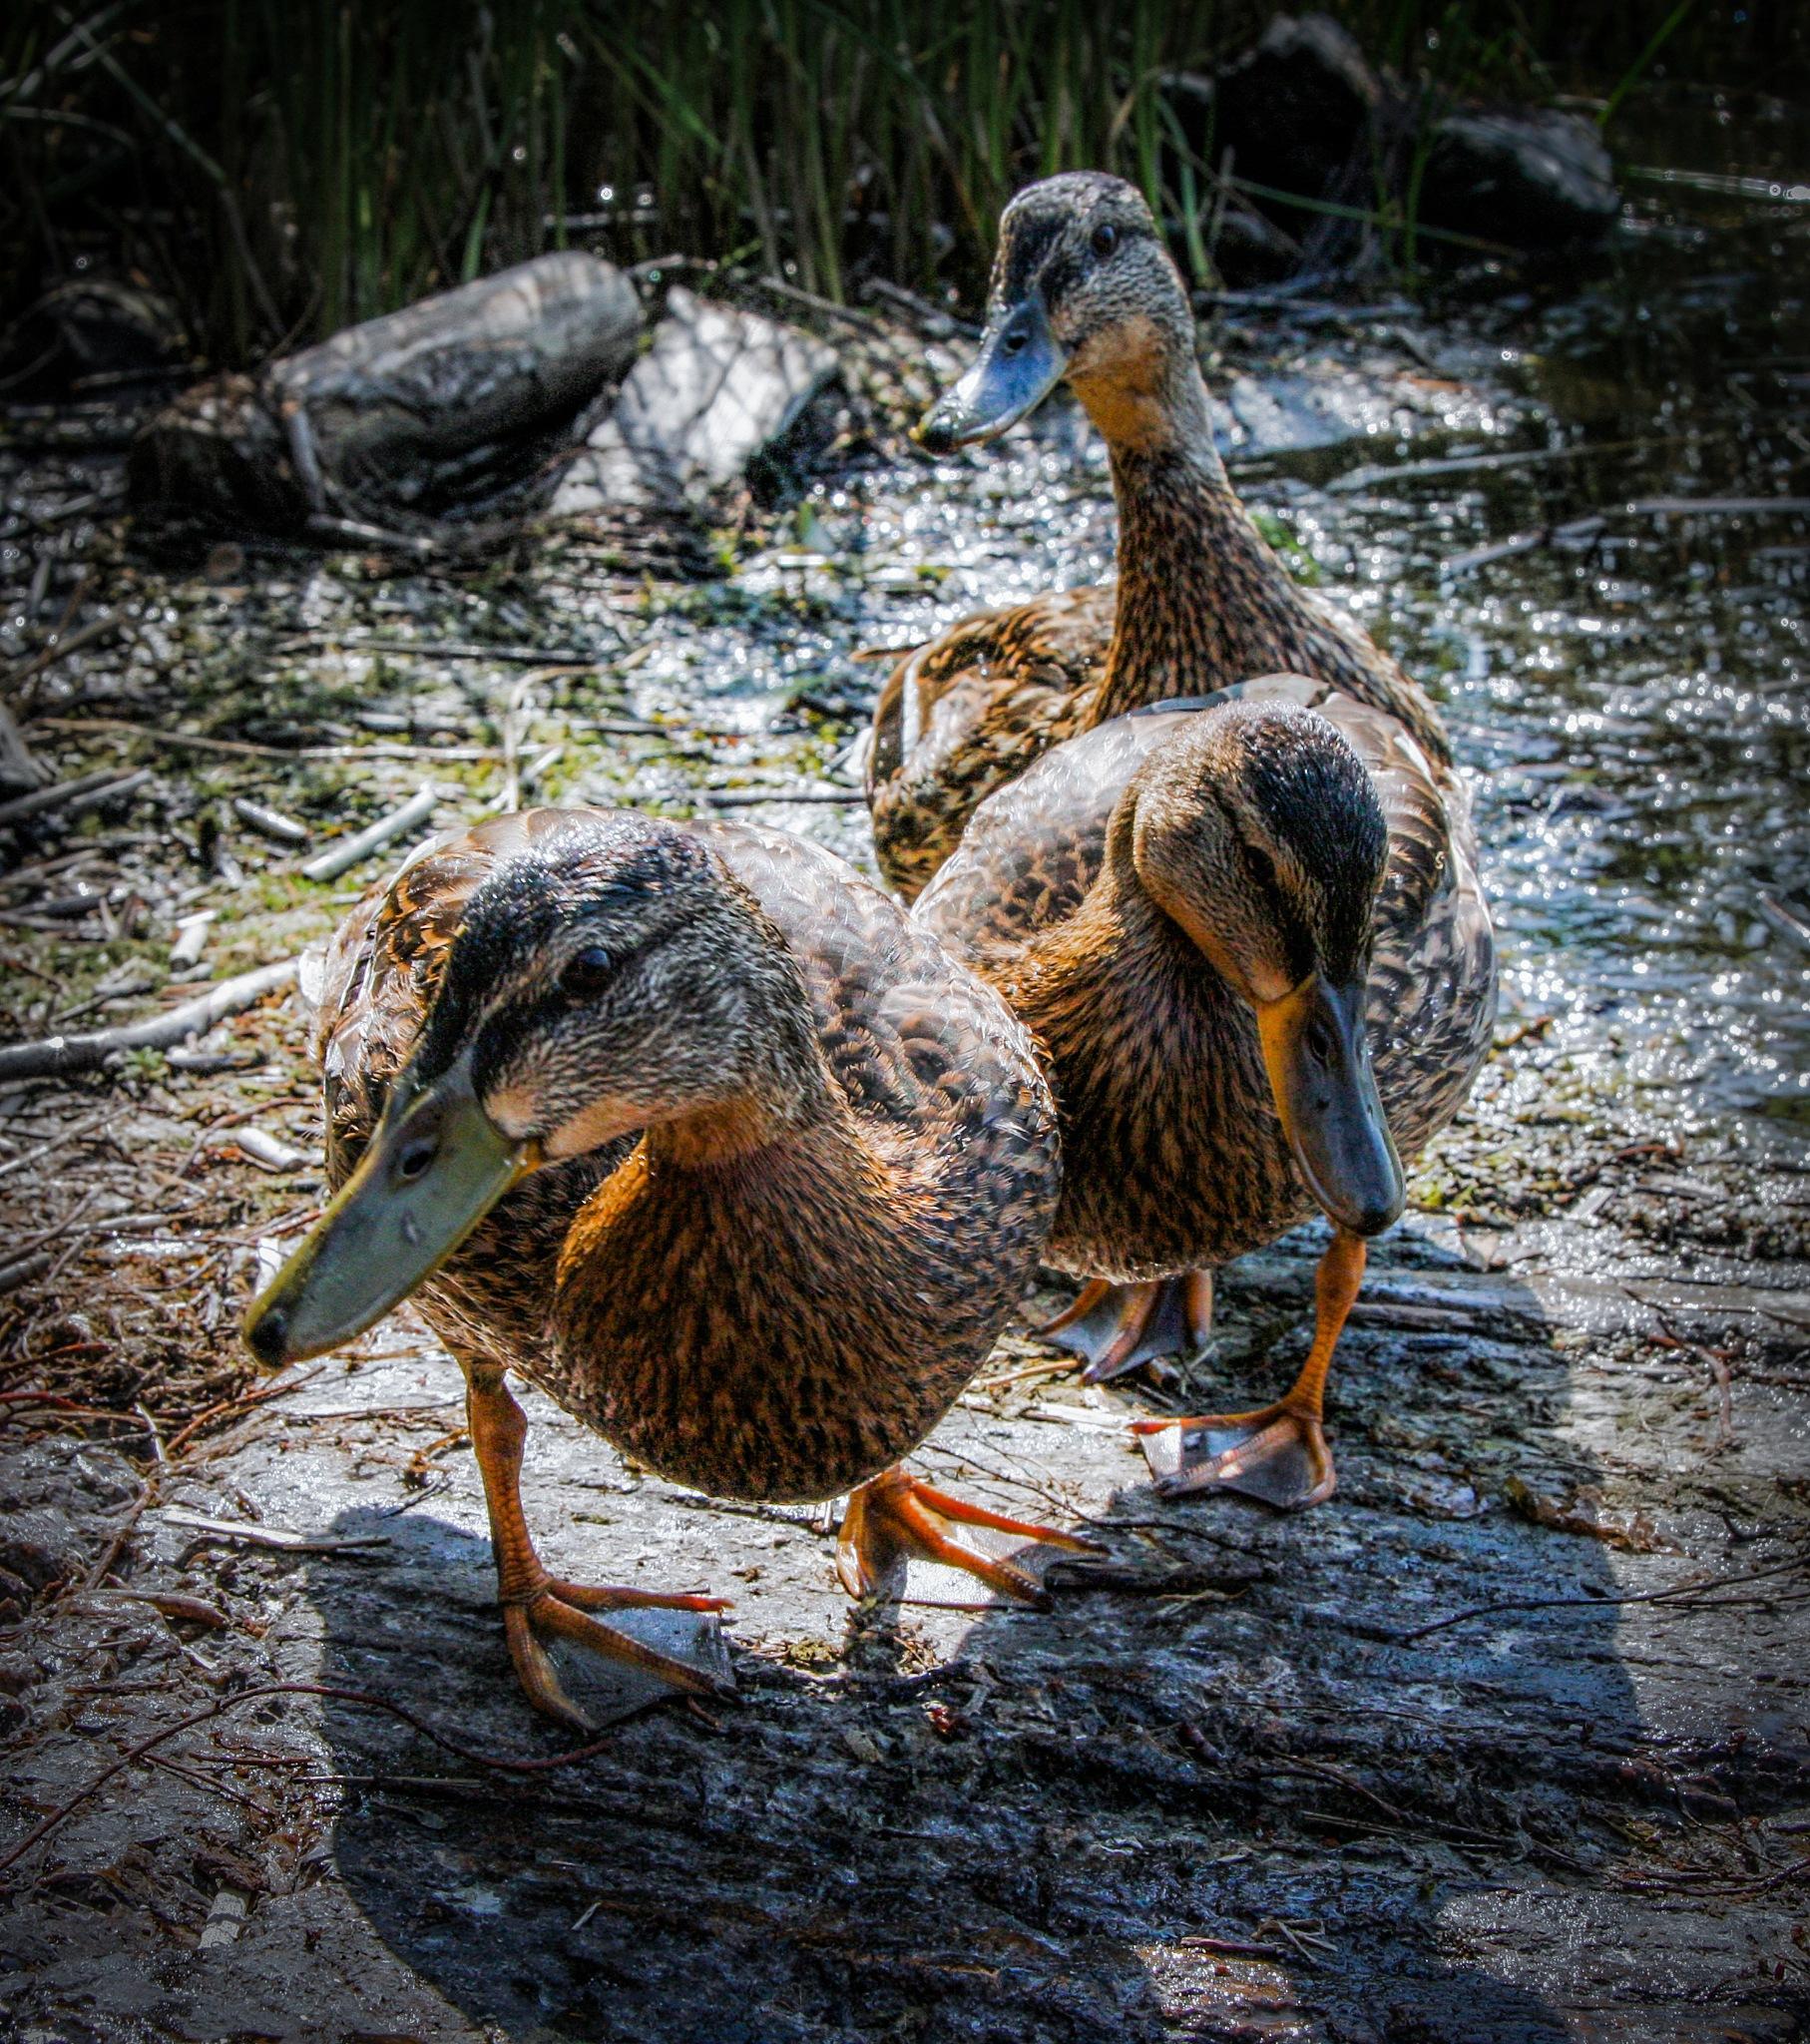 Ducks by Mattias Carlsson